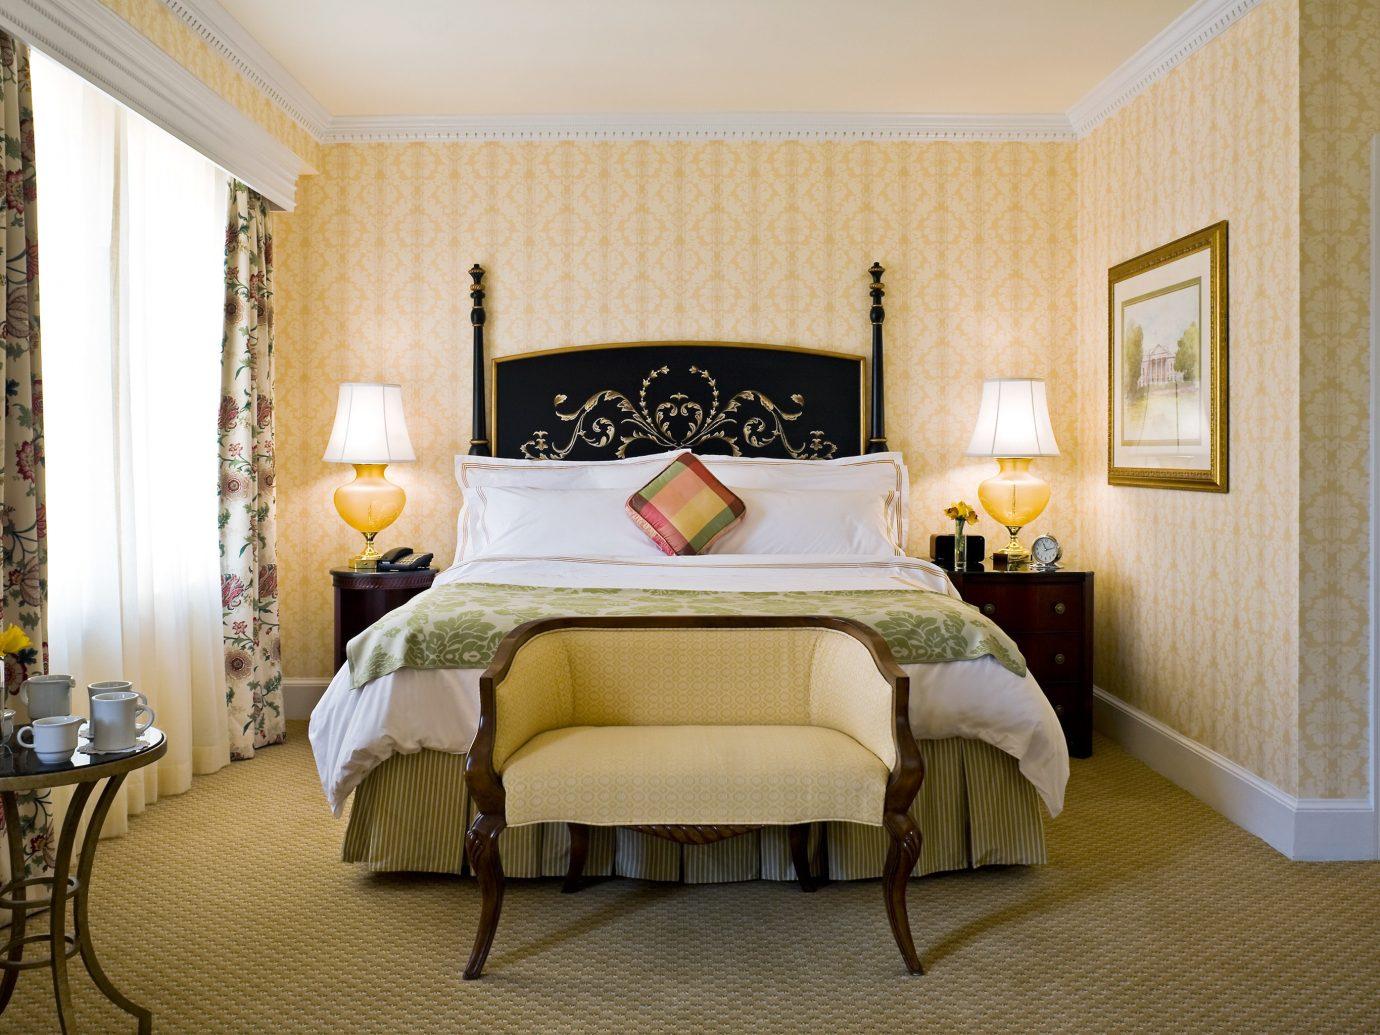 Bedroom Elegant Hotels Luxury Suite indoor floor wall room bed property ceiling estate hotel interior design cottage home real estate living room furniture